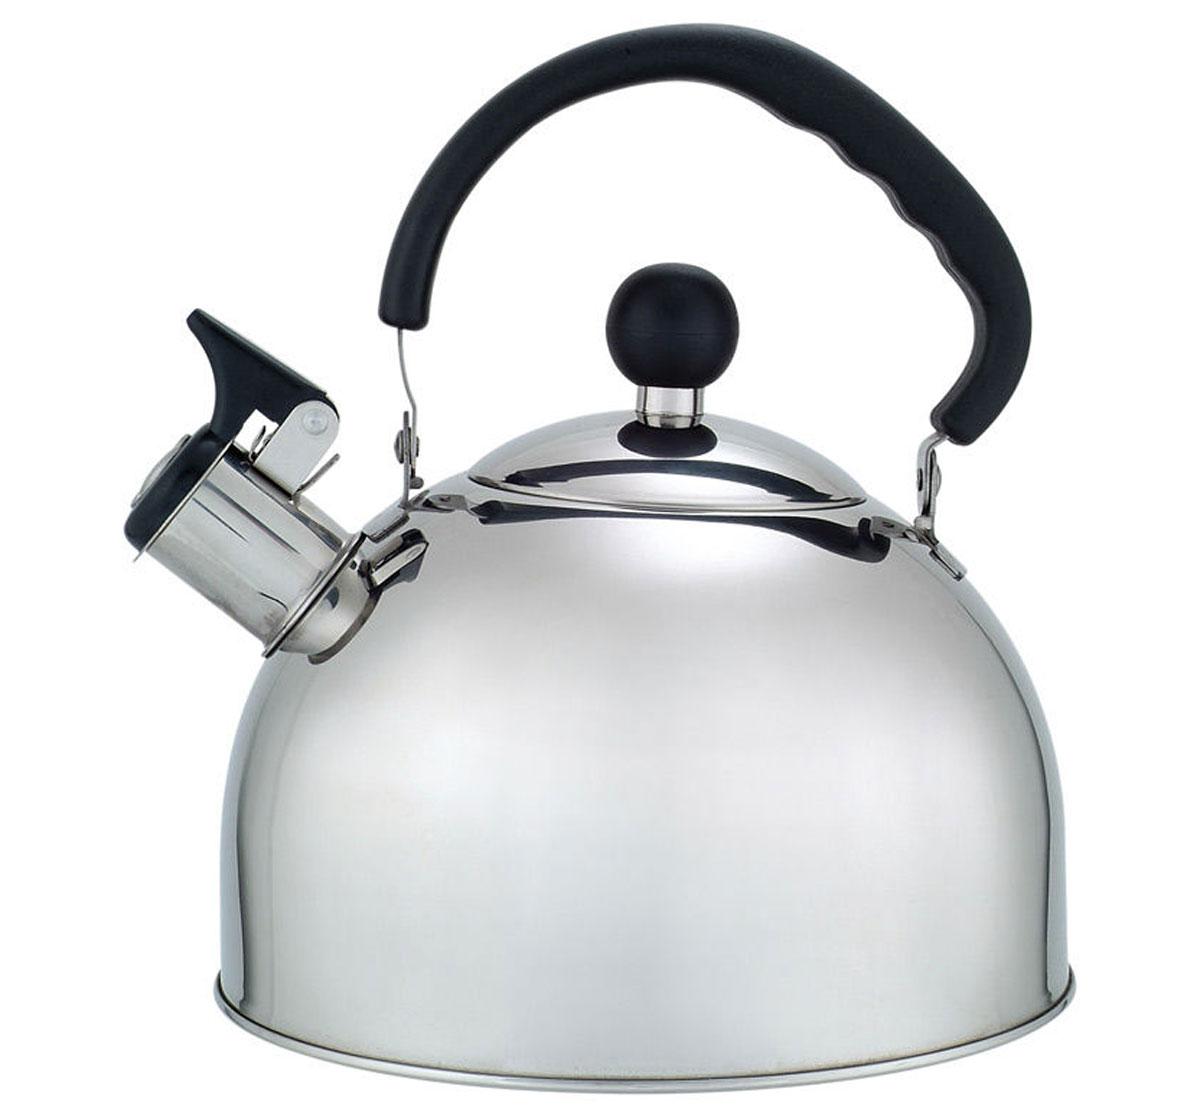 Чайник газовый Добрыня, 2,5 лDO-2907Чайник Добрыня окажется незаменимым помощником в приготовлении чая. Высококачественные материалы обеспечивают продолжительную и безопасную эксплуатацию изделия. Кроме оригинального дизайнерского решения, комбинация высококачественного металла и свистка с внешней поверхностью из бакелита, не позволяет обжечься о раскаленный носик чайника при открытии клапана, для того, чтобы набрать воду или разлить кипяток по чашкам.